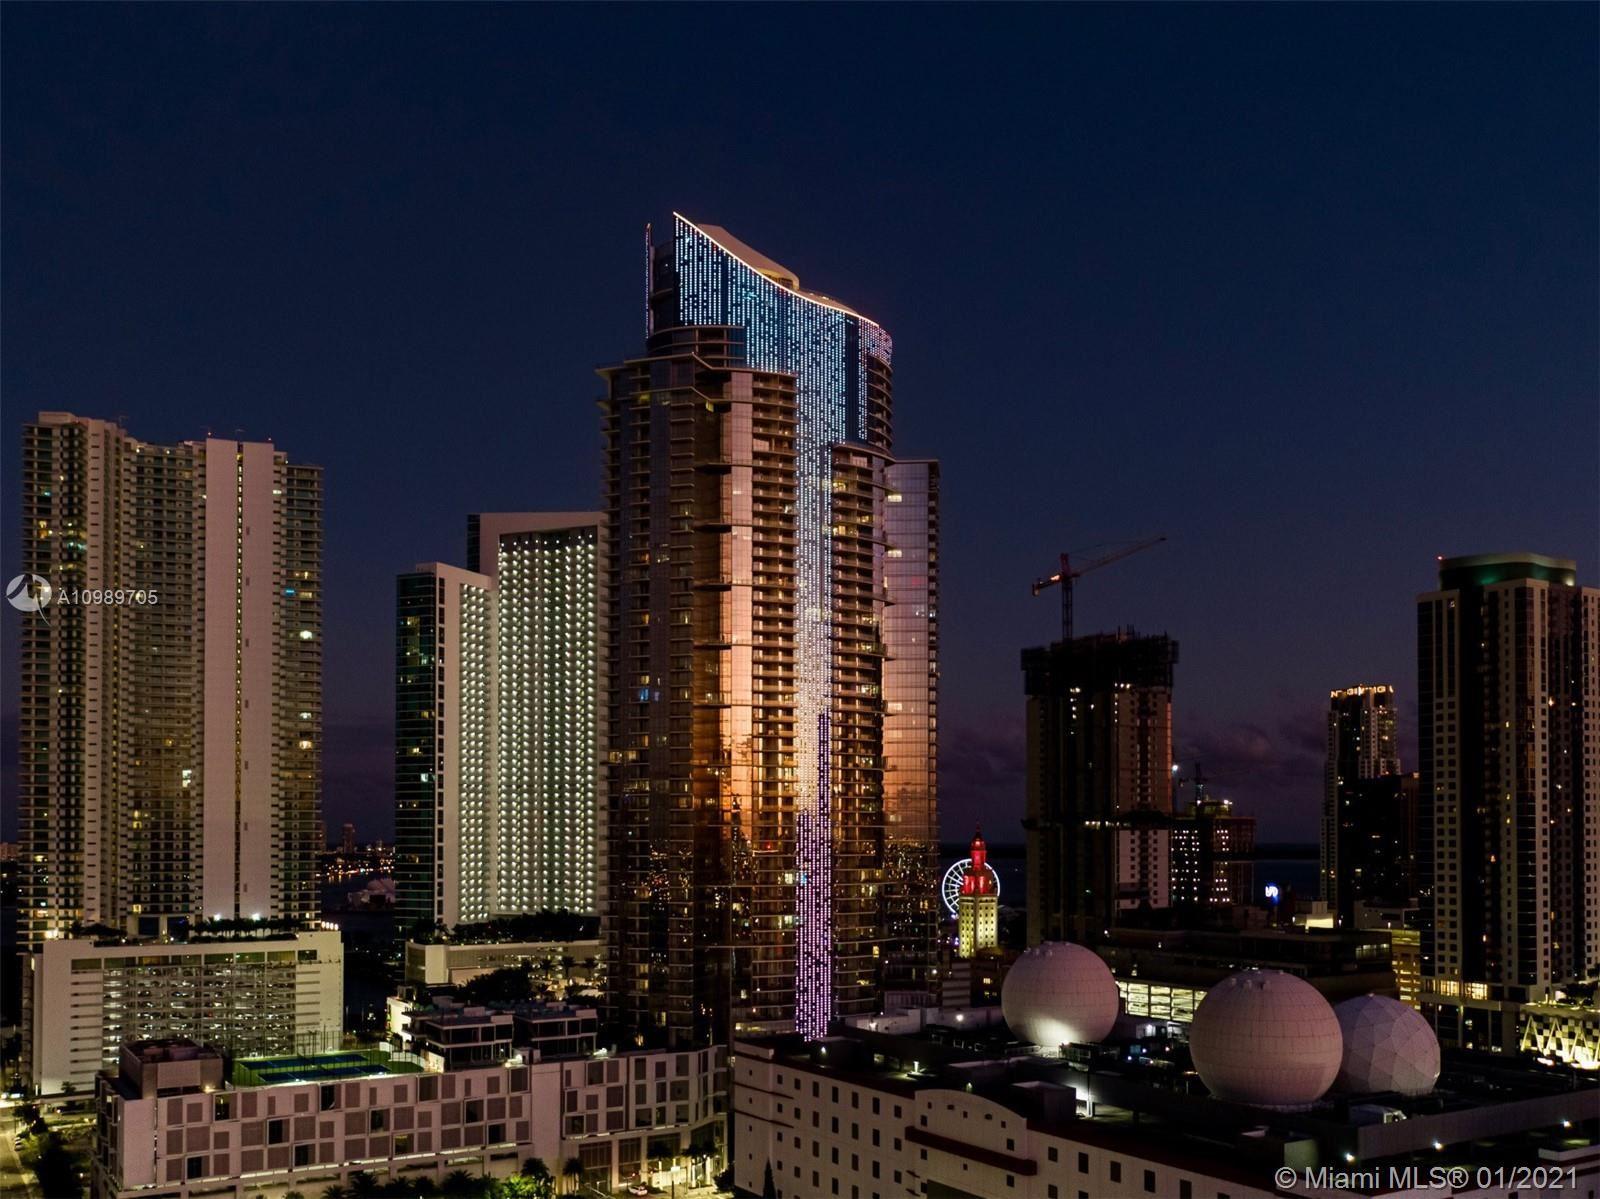 851 NE 1st Ave #4008, Miami, FL 33132 - #: A10989705